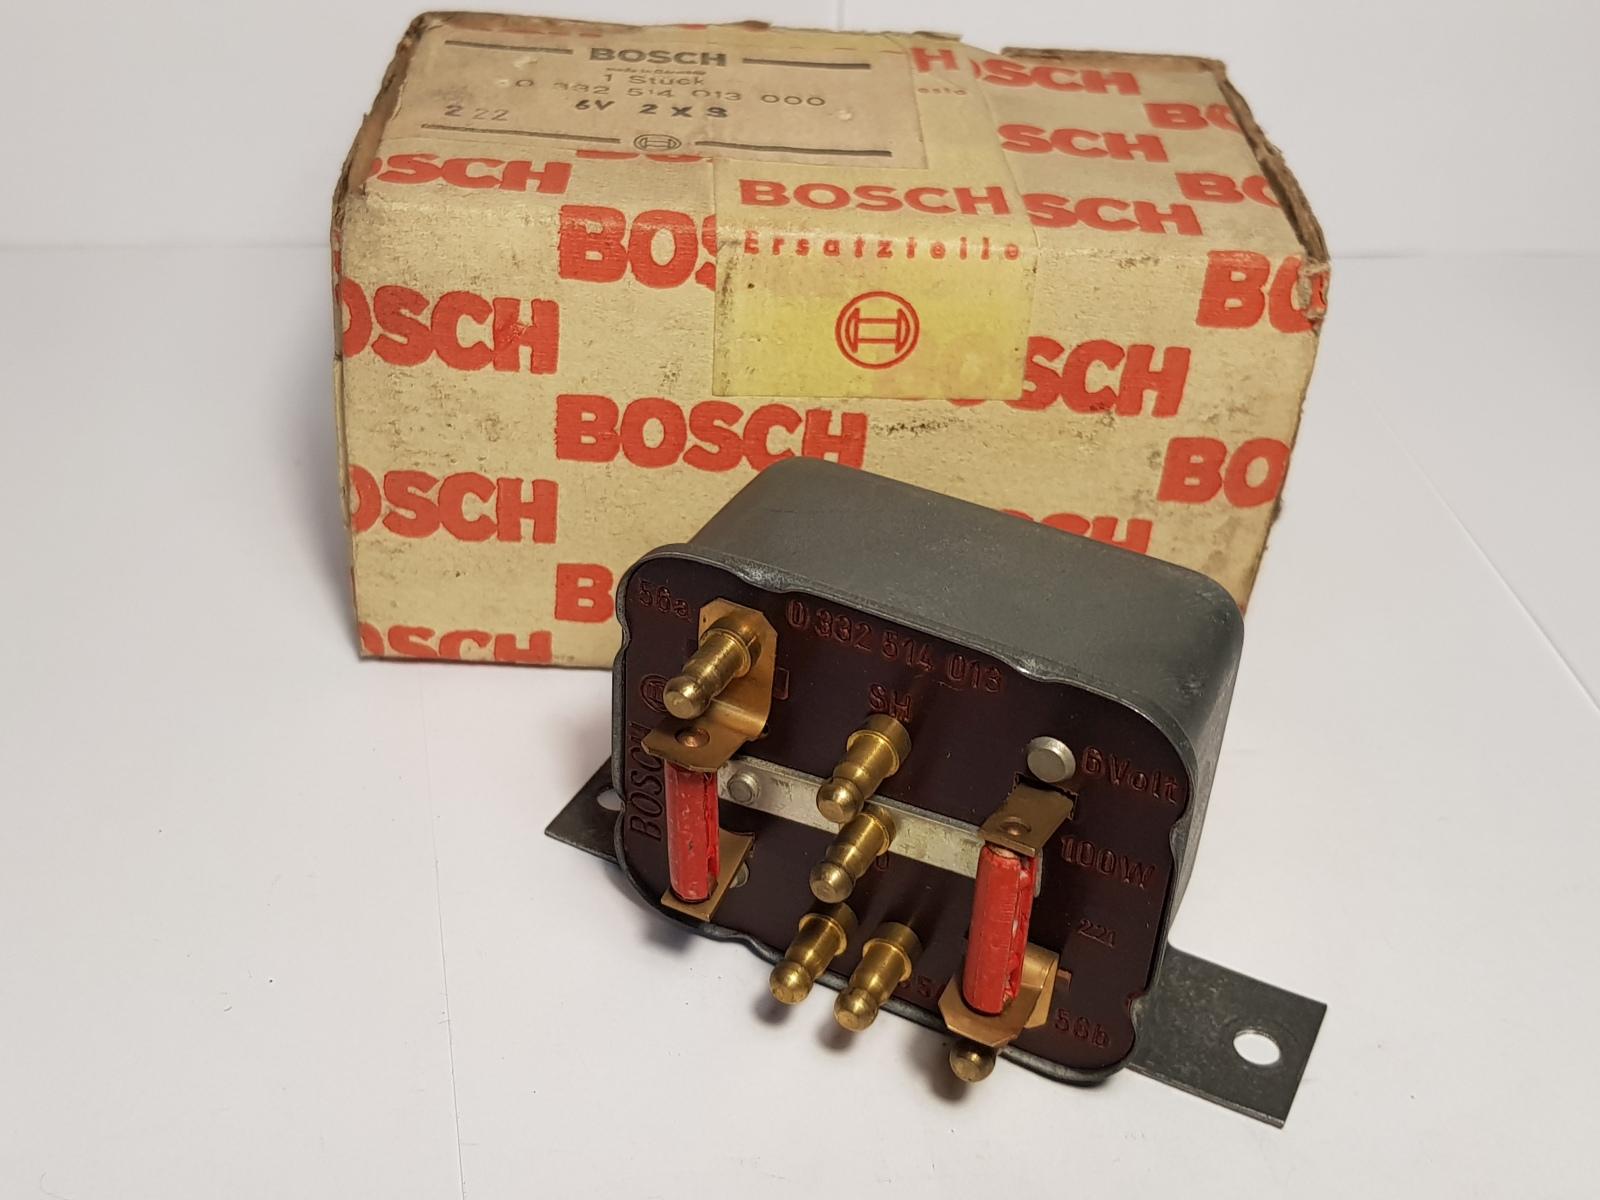 Bosch 0332514013 Fernlicht Abblendrelais Dipped Headlights Relais Relé Relay 6V